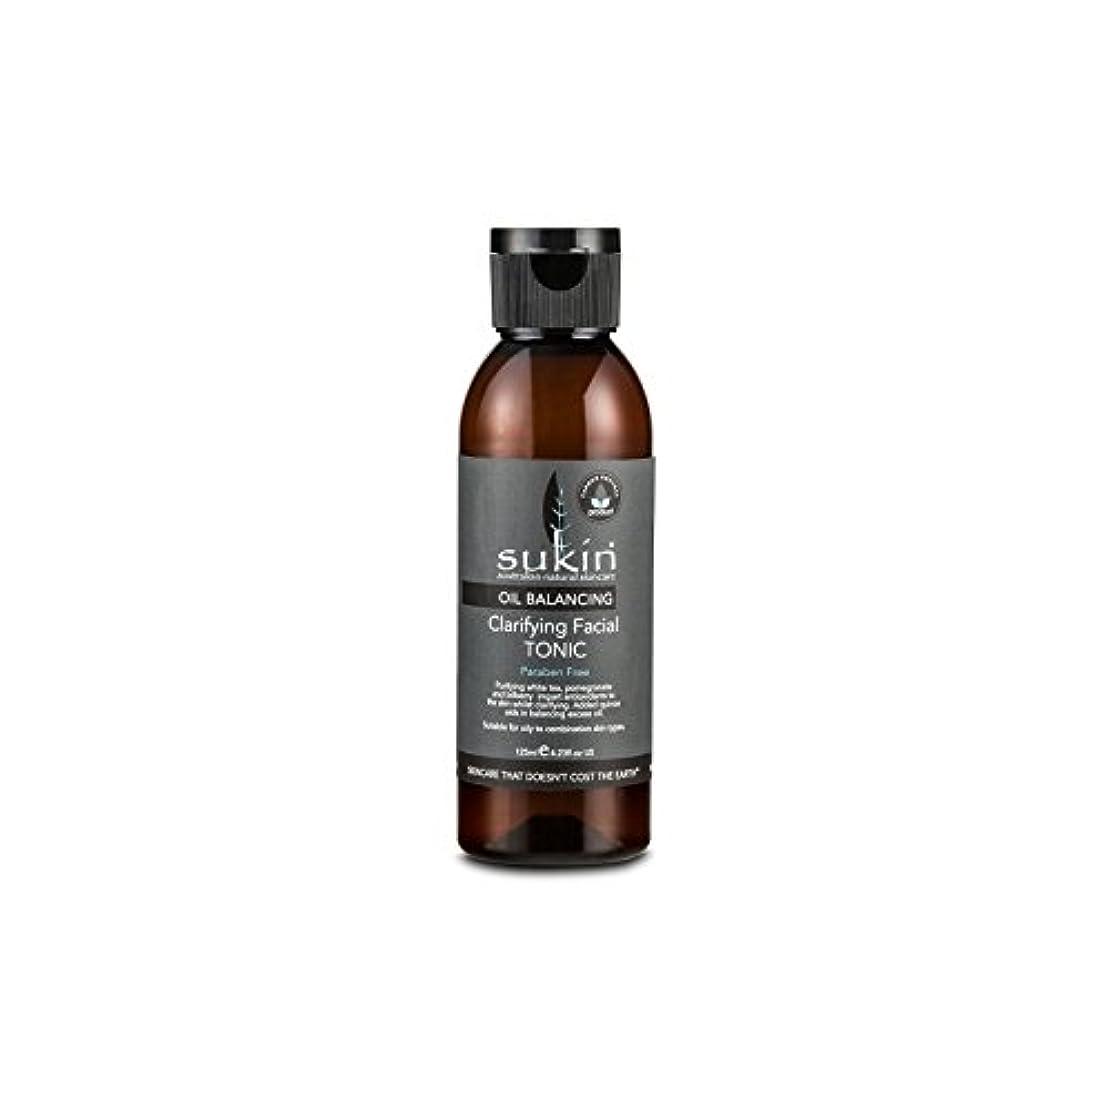 作ります老人理解Sukin Oil Balancing Clarifying Facial Tonic 125ml - フェイシャルトニック125ミリリットルを明確オイルバランシング [並行輸入品]